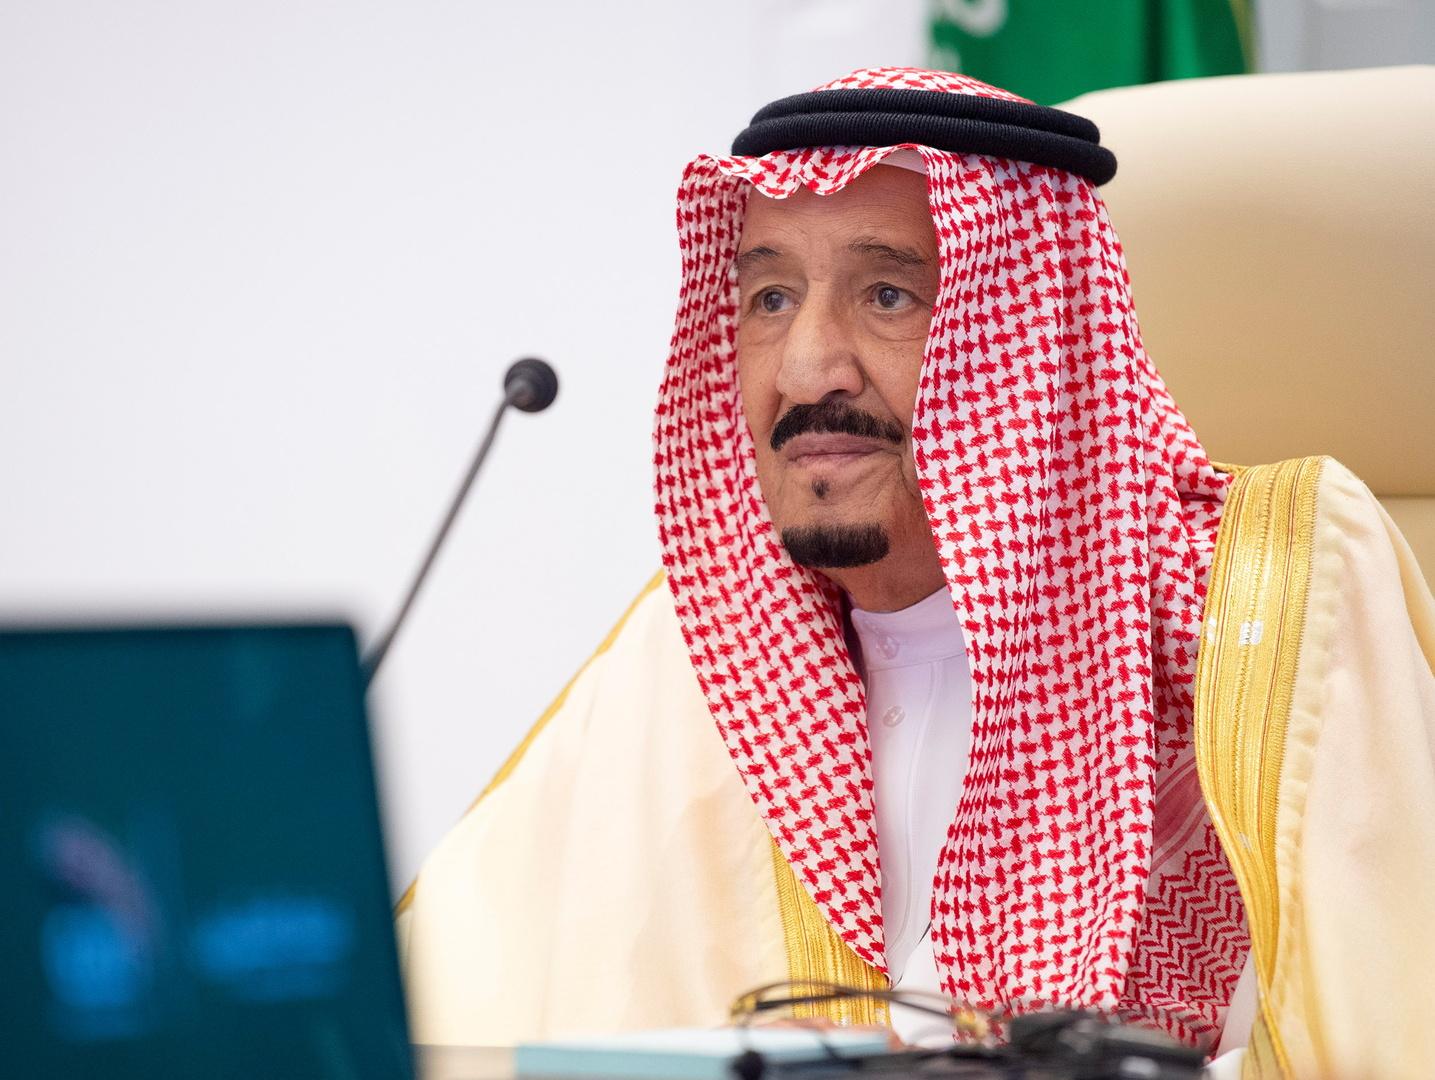 الملك سلمان يغيب عن قمة المصالحة الخليجية والمغردون يعلقون